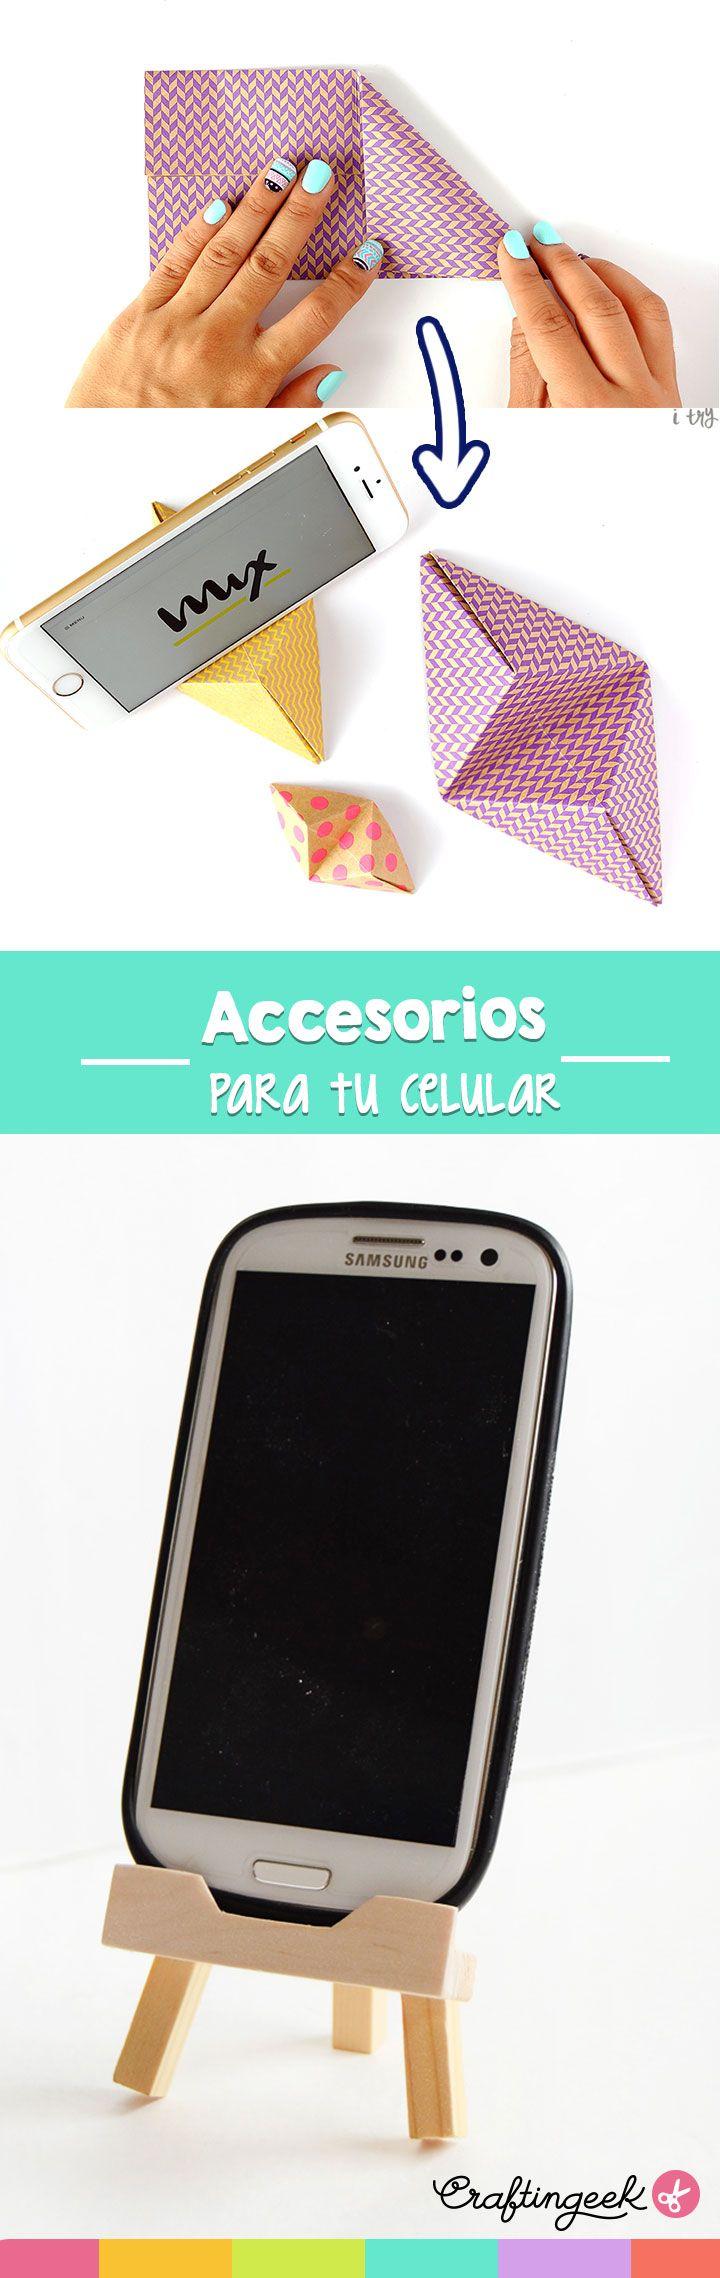 Accesorios fáciles para tu escritorio, soporte para celular.